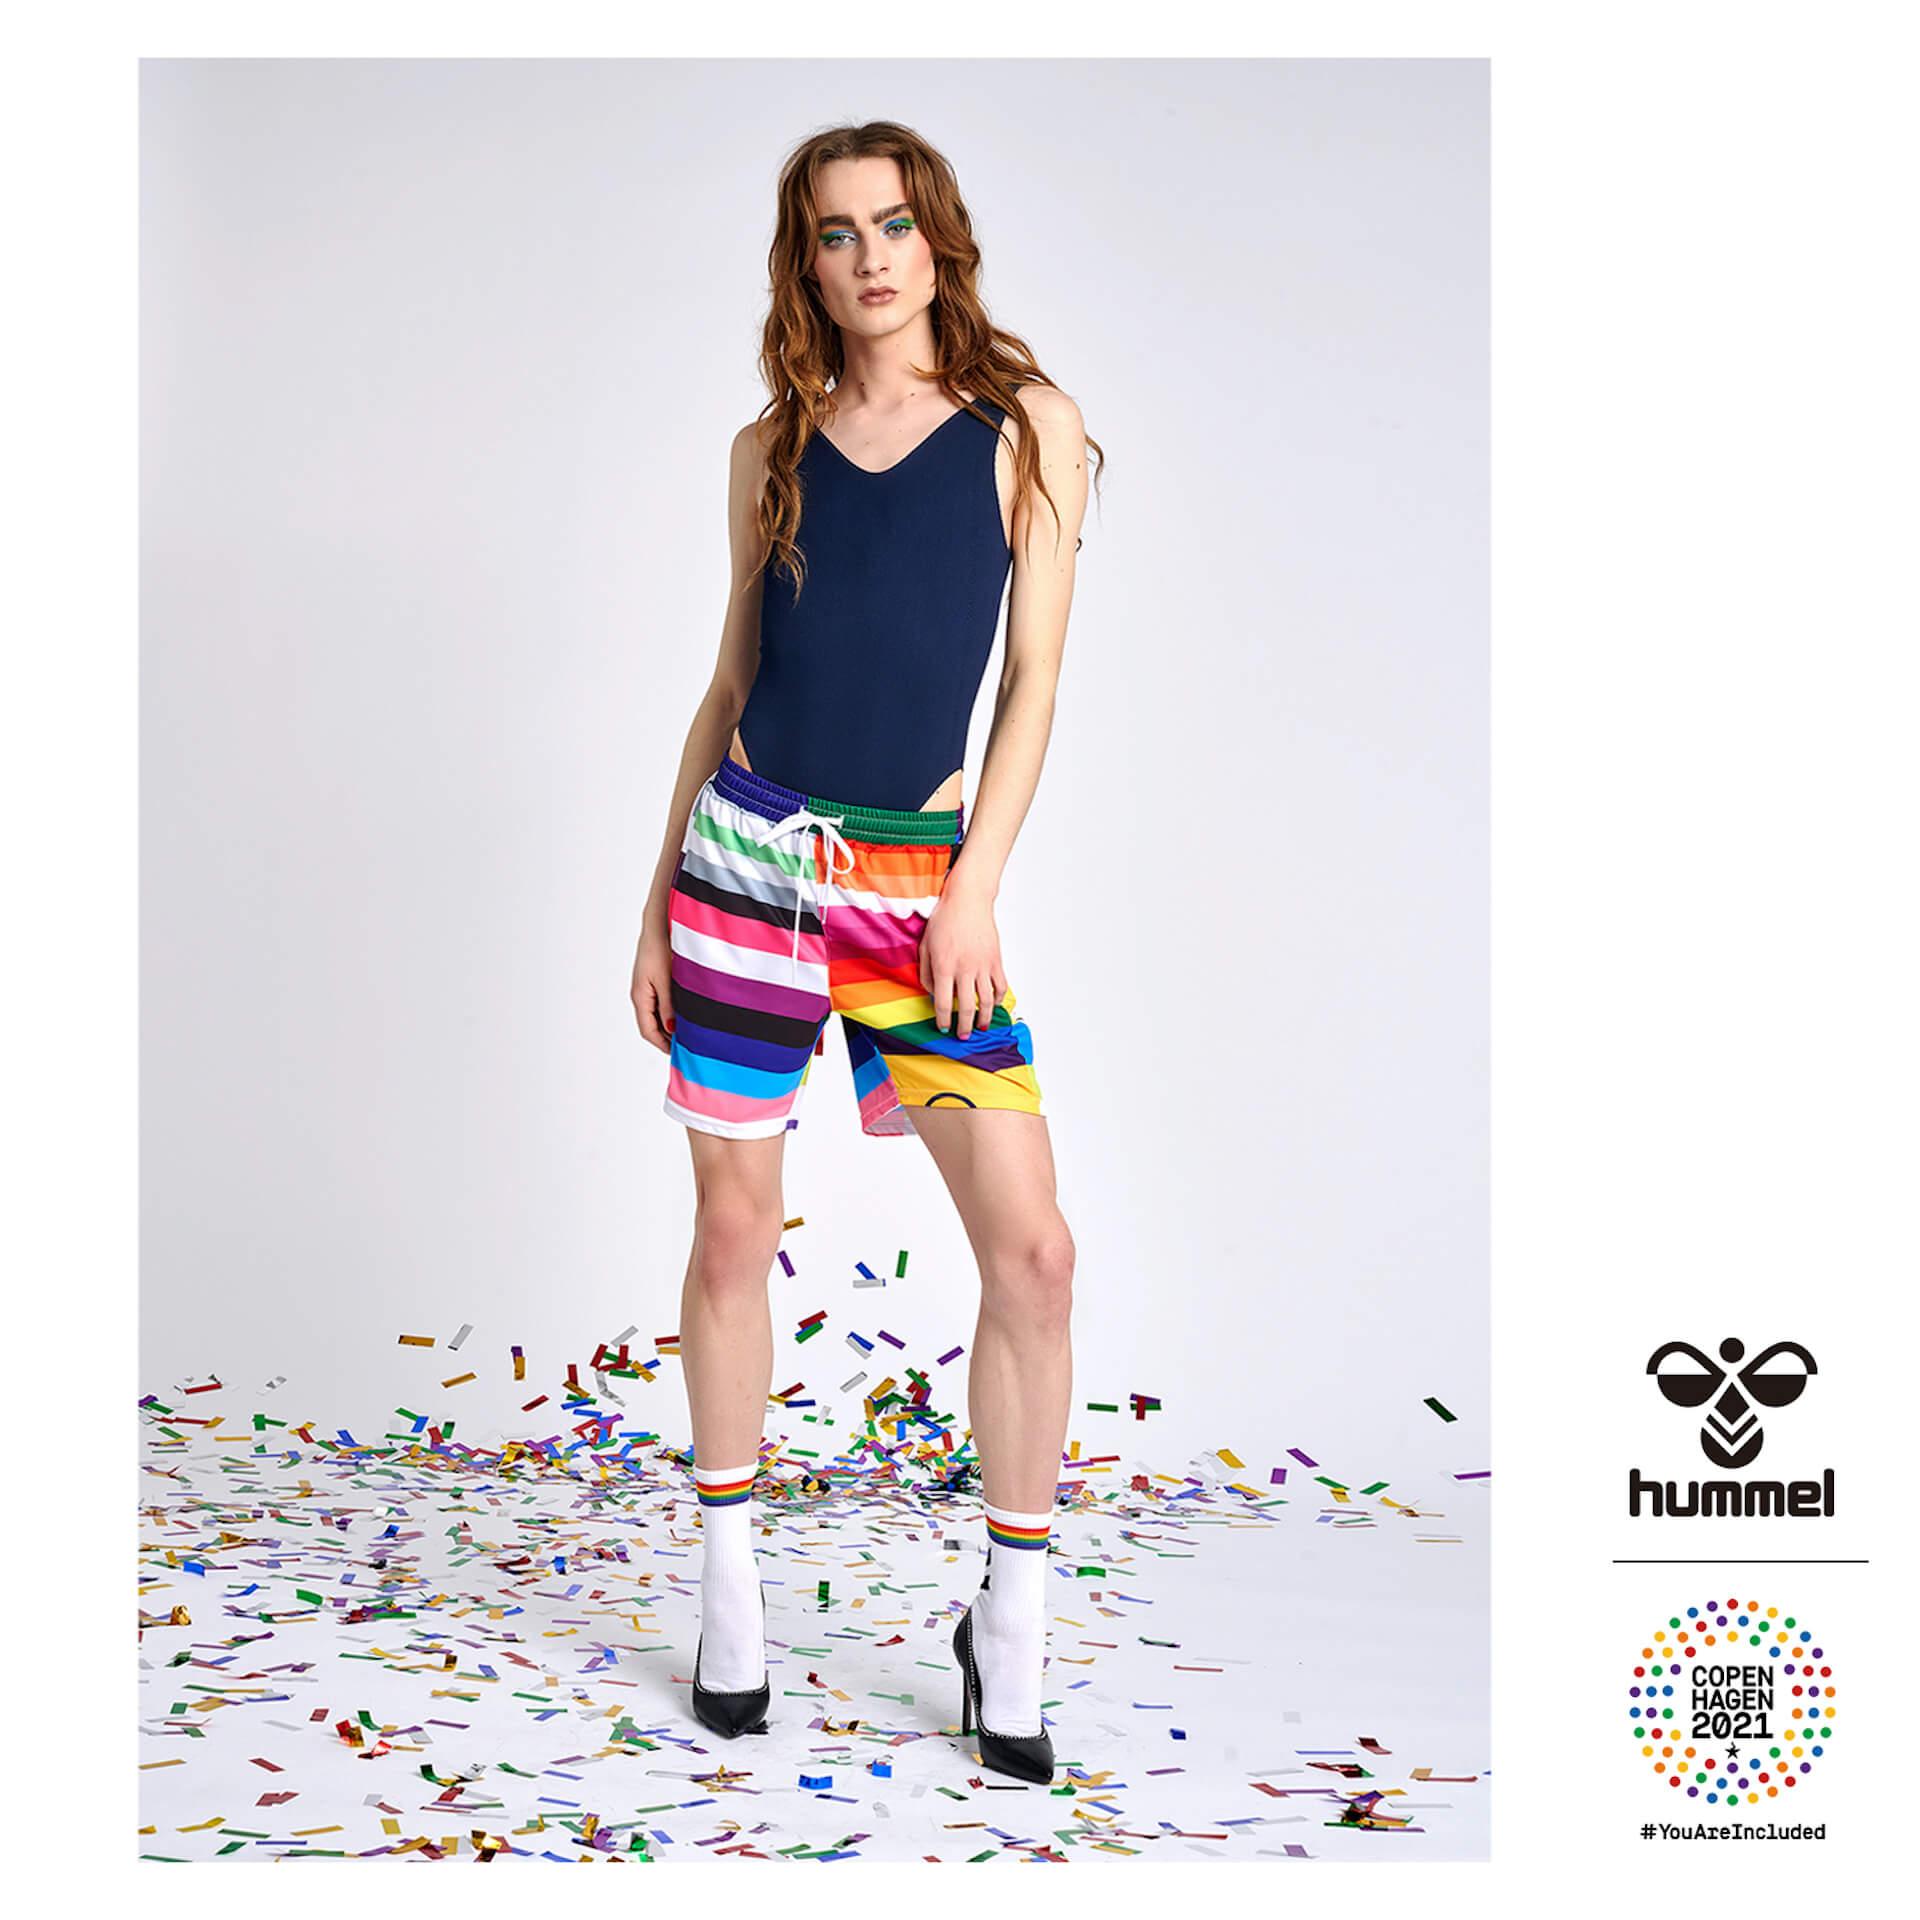 多様性を祝福する「ヒュンメル×コペンハーゲン 2021」コラボグッズが限定発売! Fashion_210706_hummel14